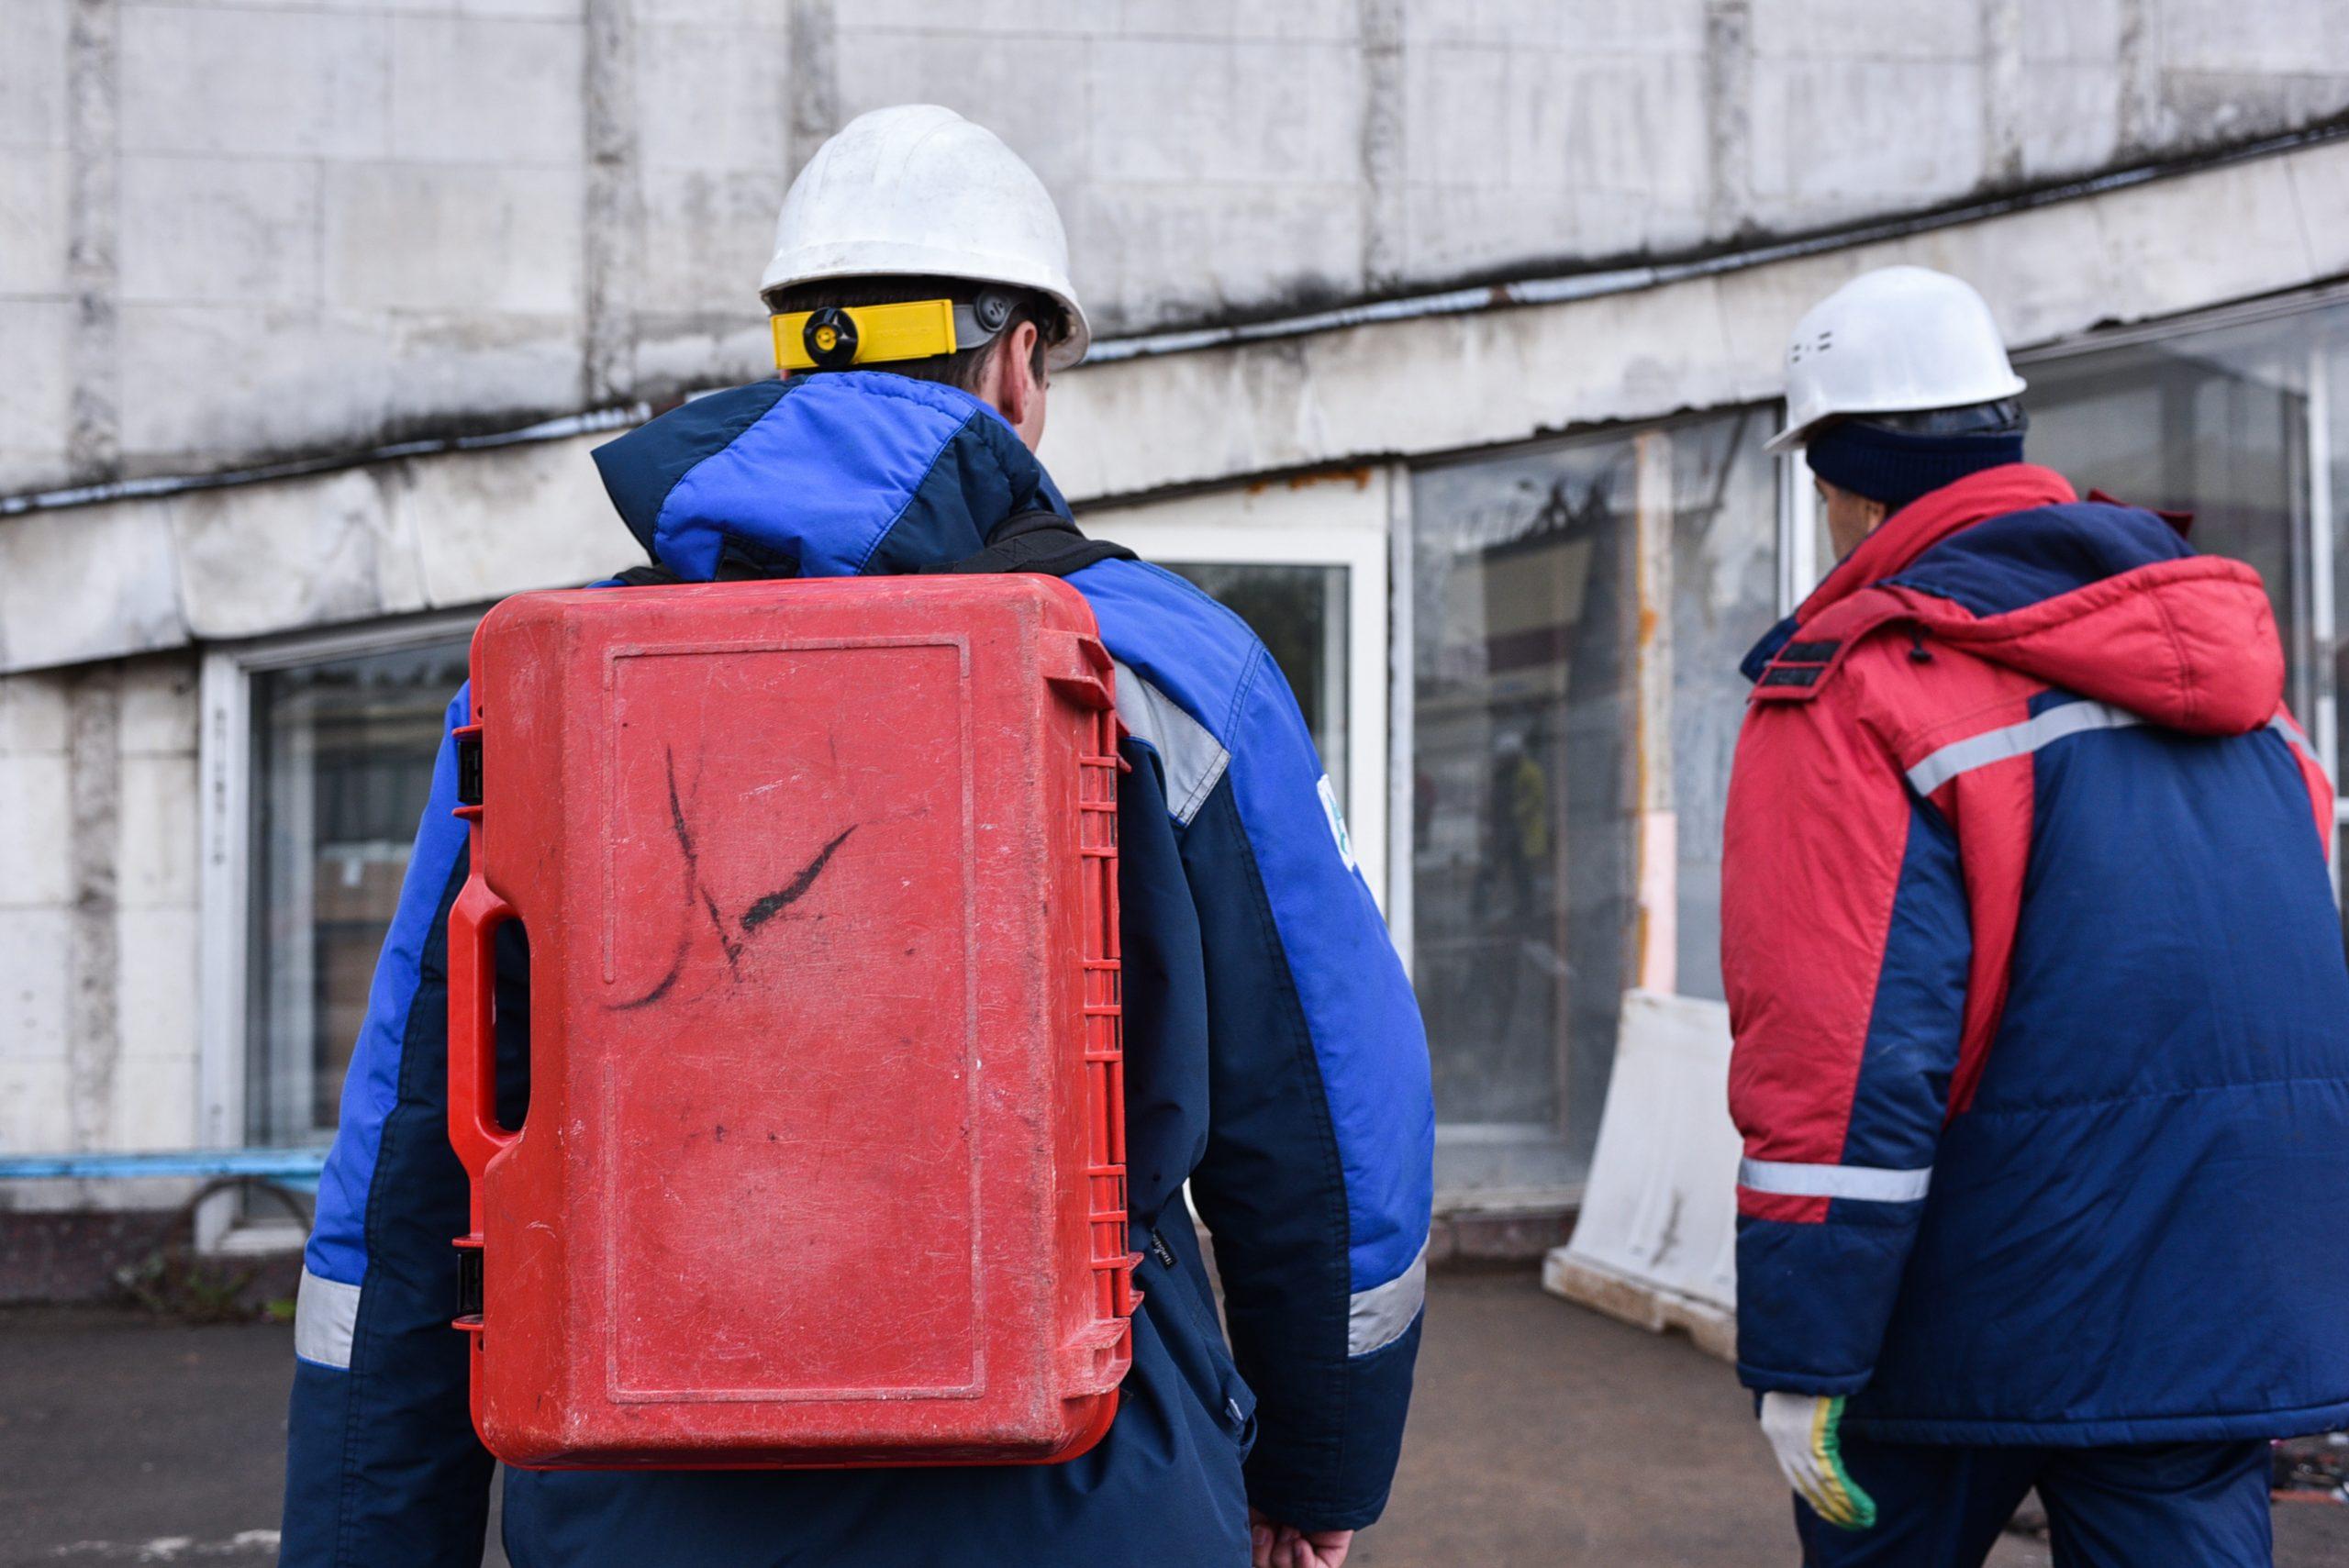 Москвичам пообещали полмиллиона рабочих мест благодаря развитию бывших промзон